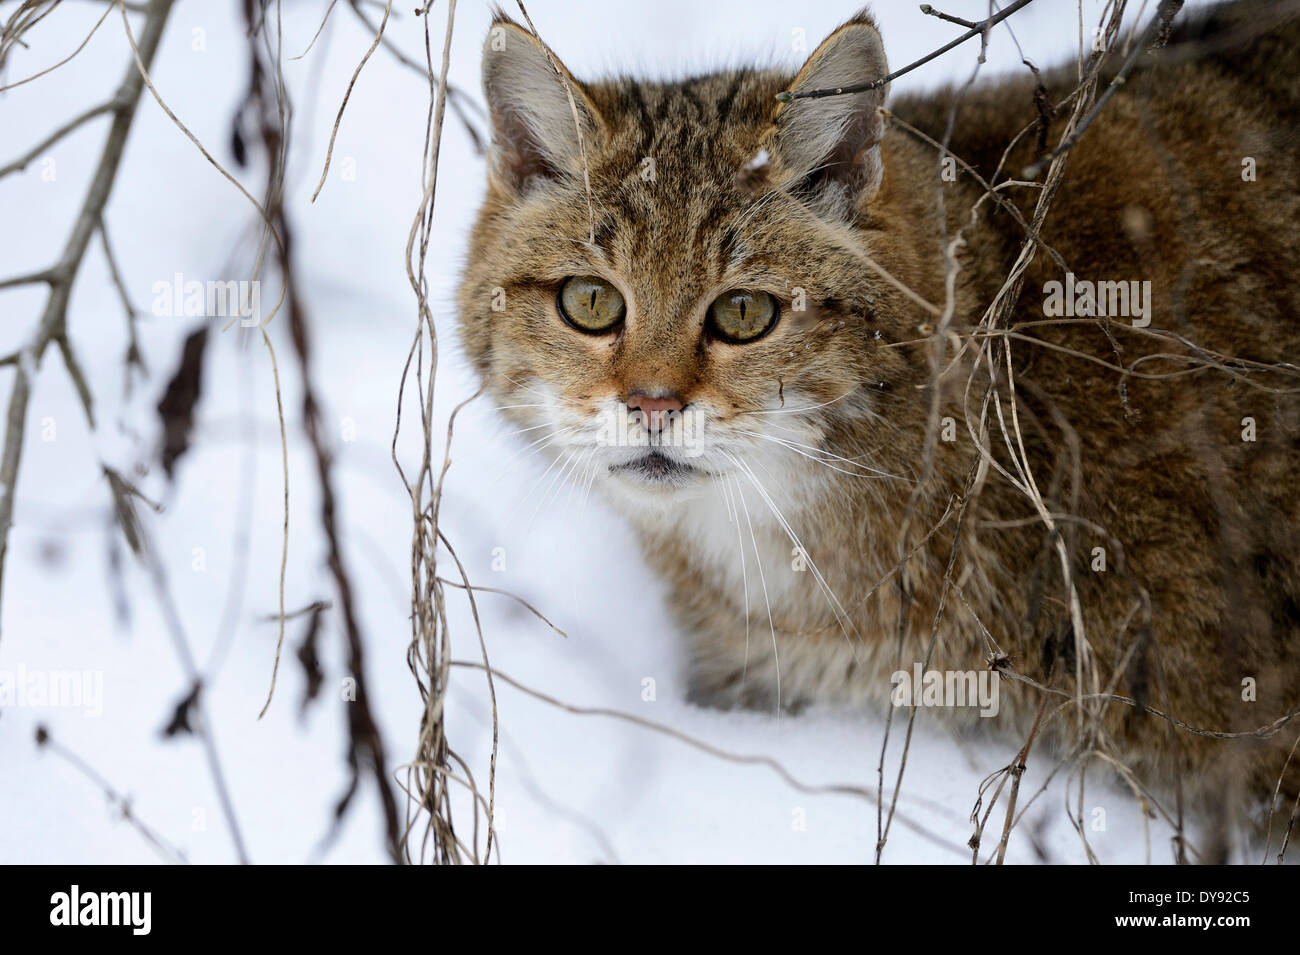 Wildcat predator gioco predator predatori piccoli gatti gatti gatto gatti selvatici Felis silvestris wildcats neve invernale gli animali di origine animale, Immagini Stock